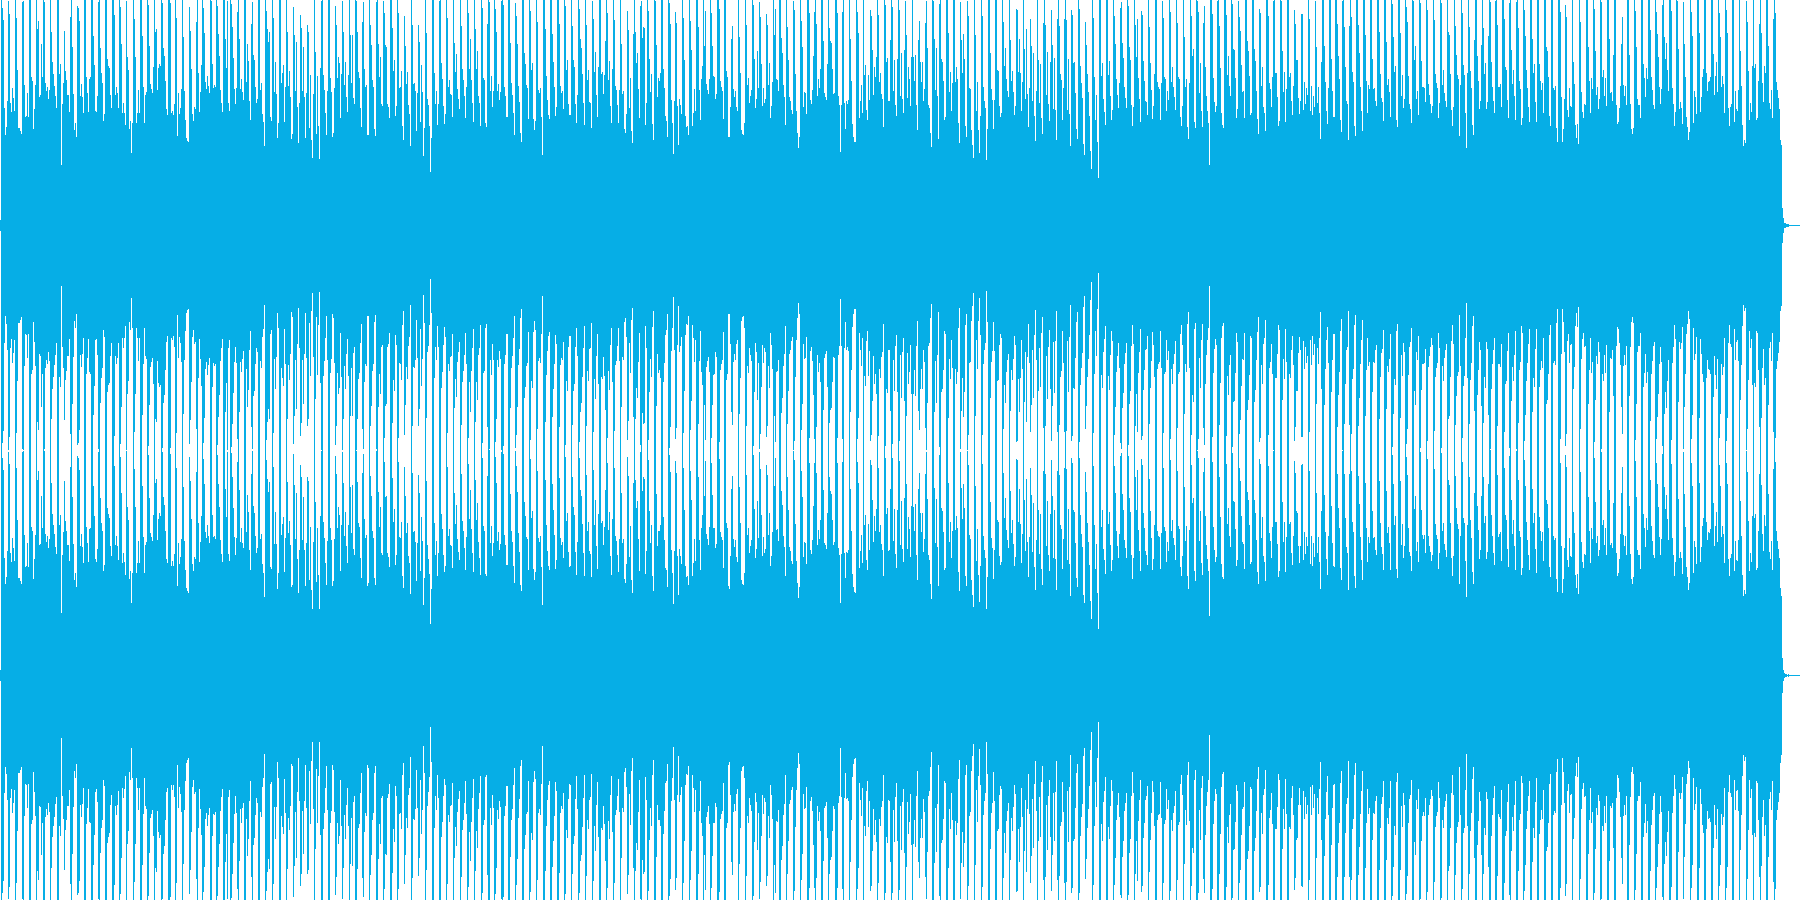 和とダンスビートの再生済みの波形